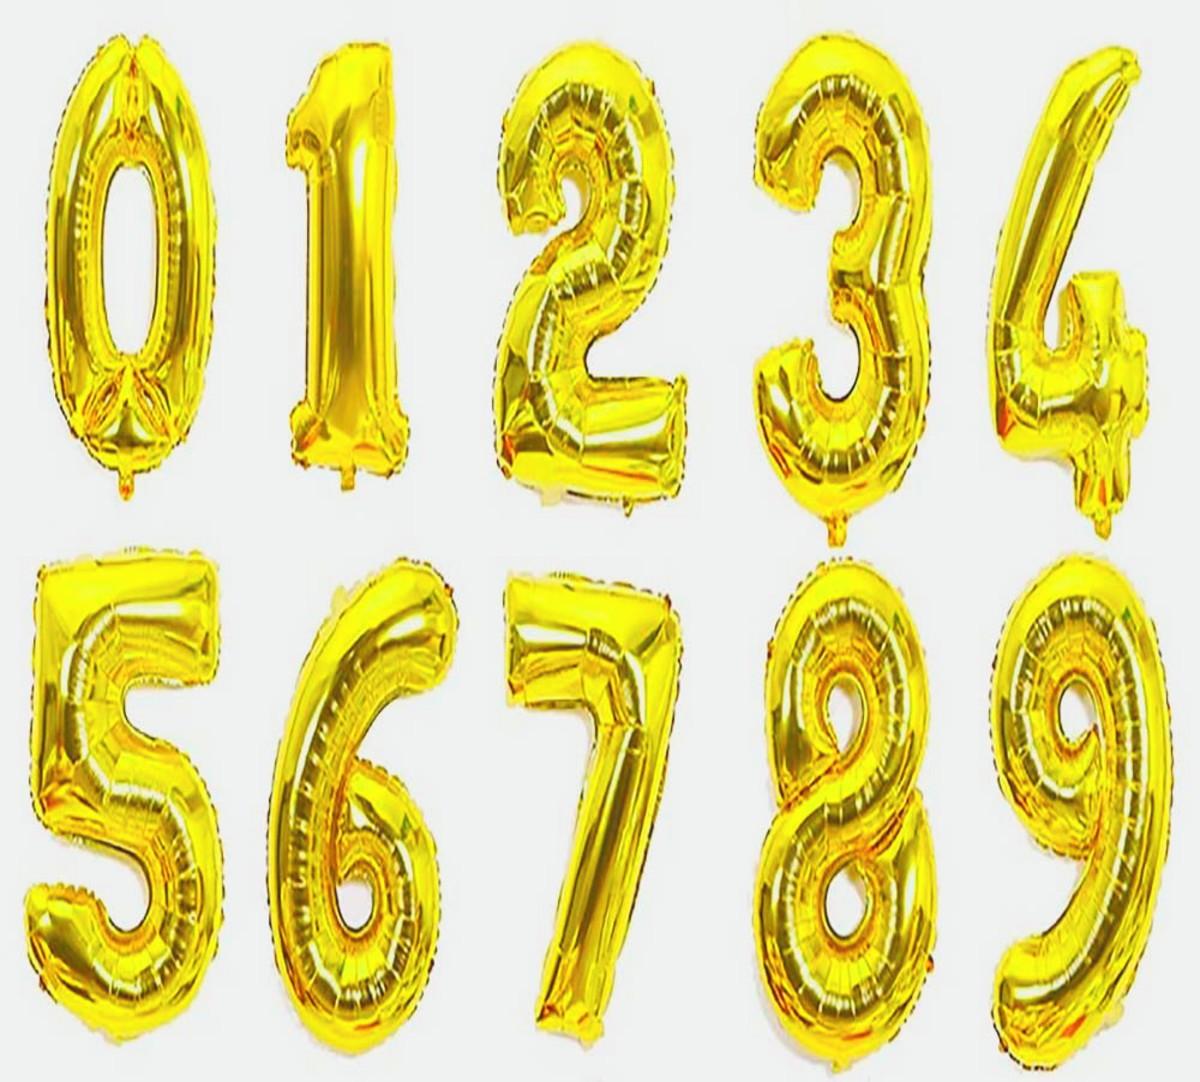 d0c8e9602 Balão Metalizado Kit 2 Números para festas 70cm no Elo7